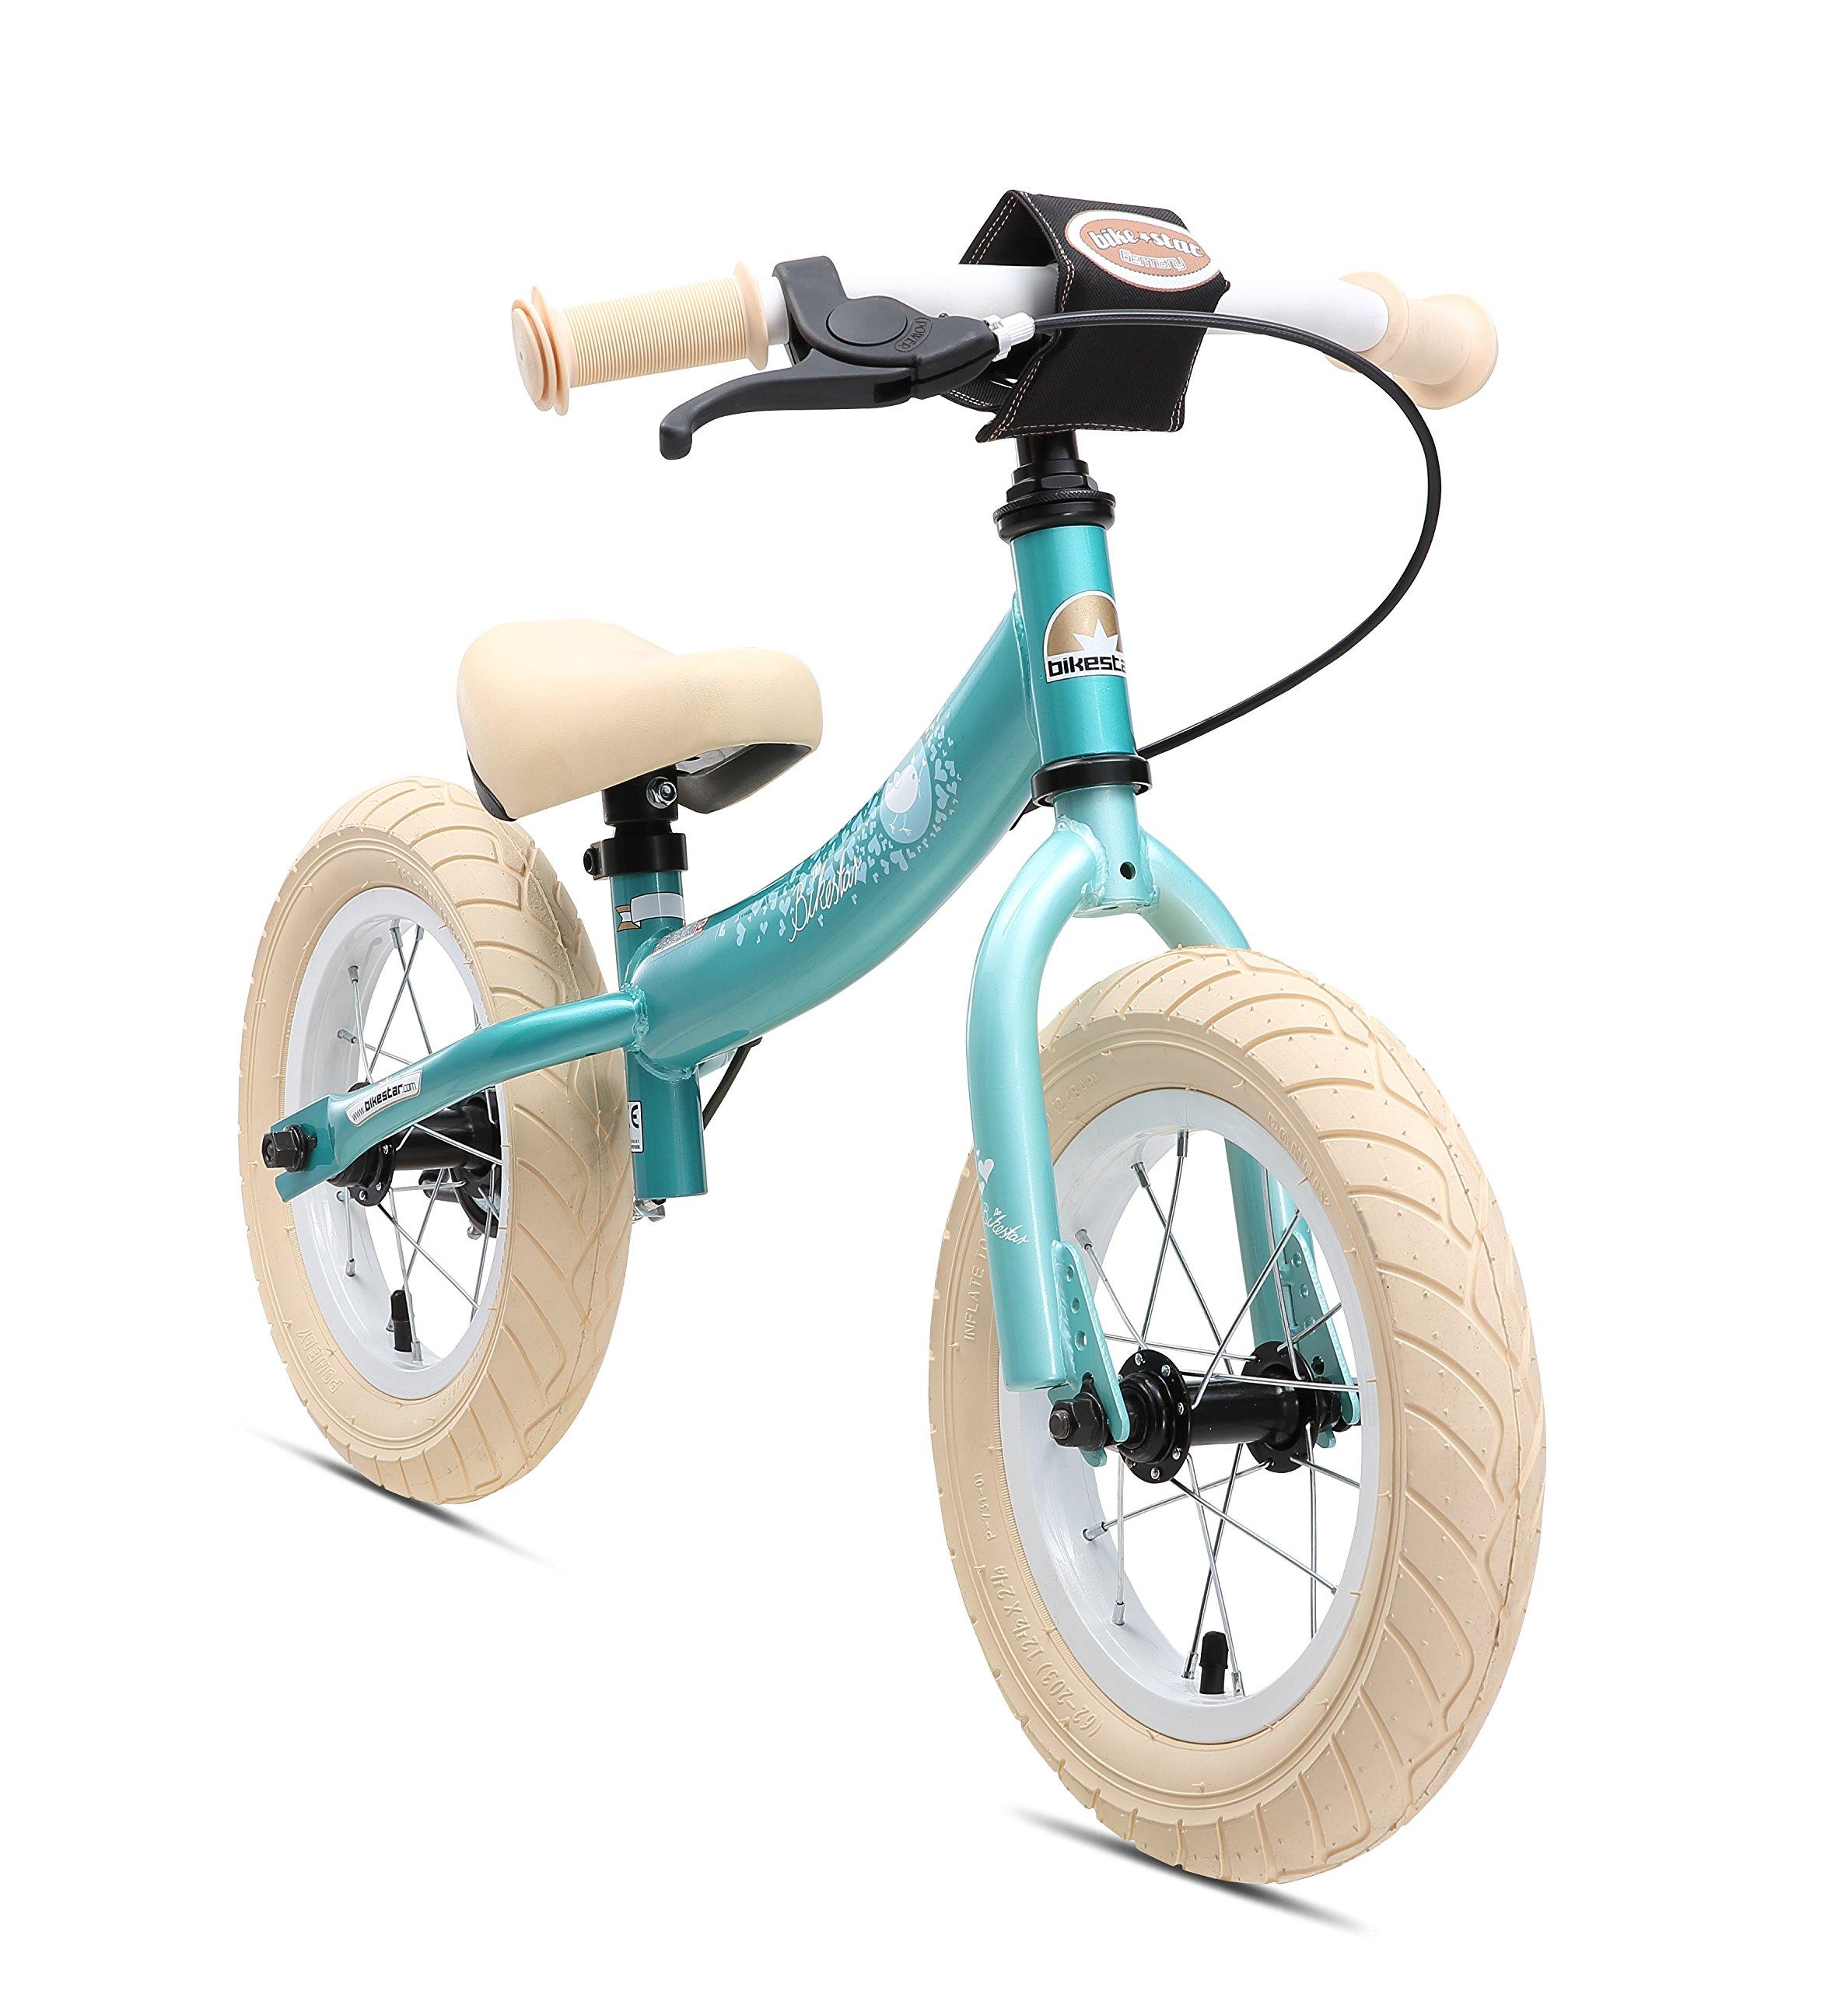 BIKESTAR Vélo Draisienne Enfants pour Garcons et Filles de 3-4 Ans ★ Vélo sans pédales évolutive 12 Pouces Sportif ★ product image